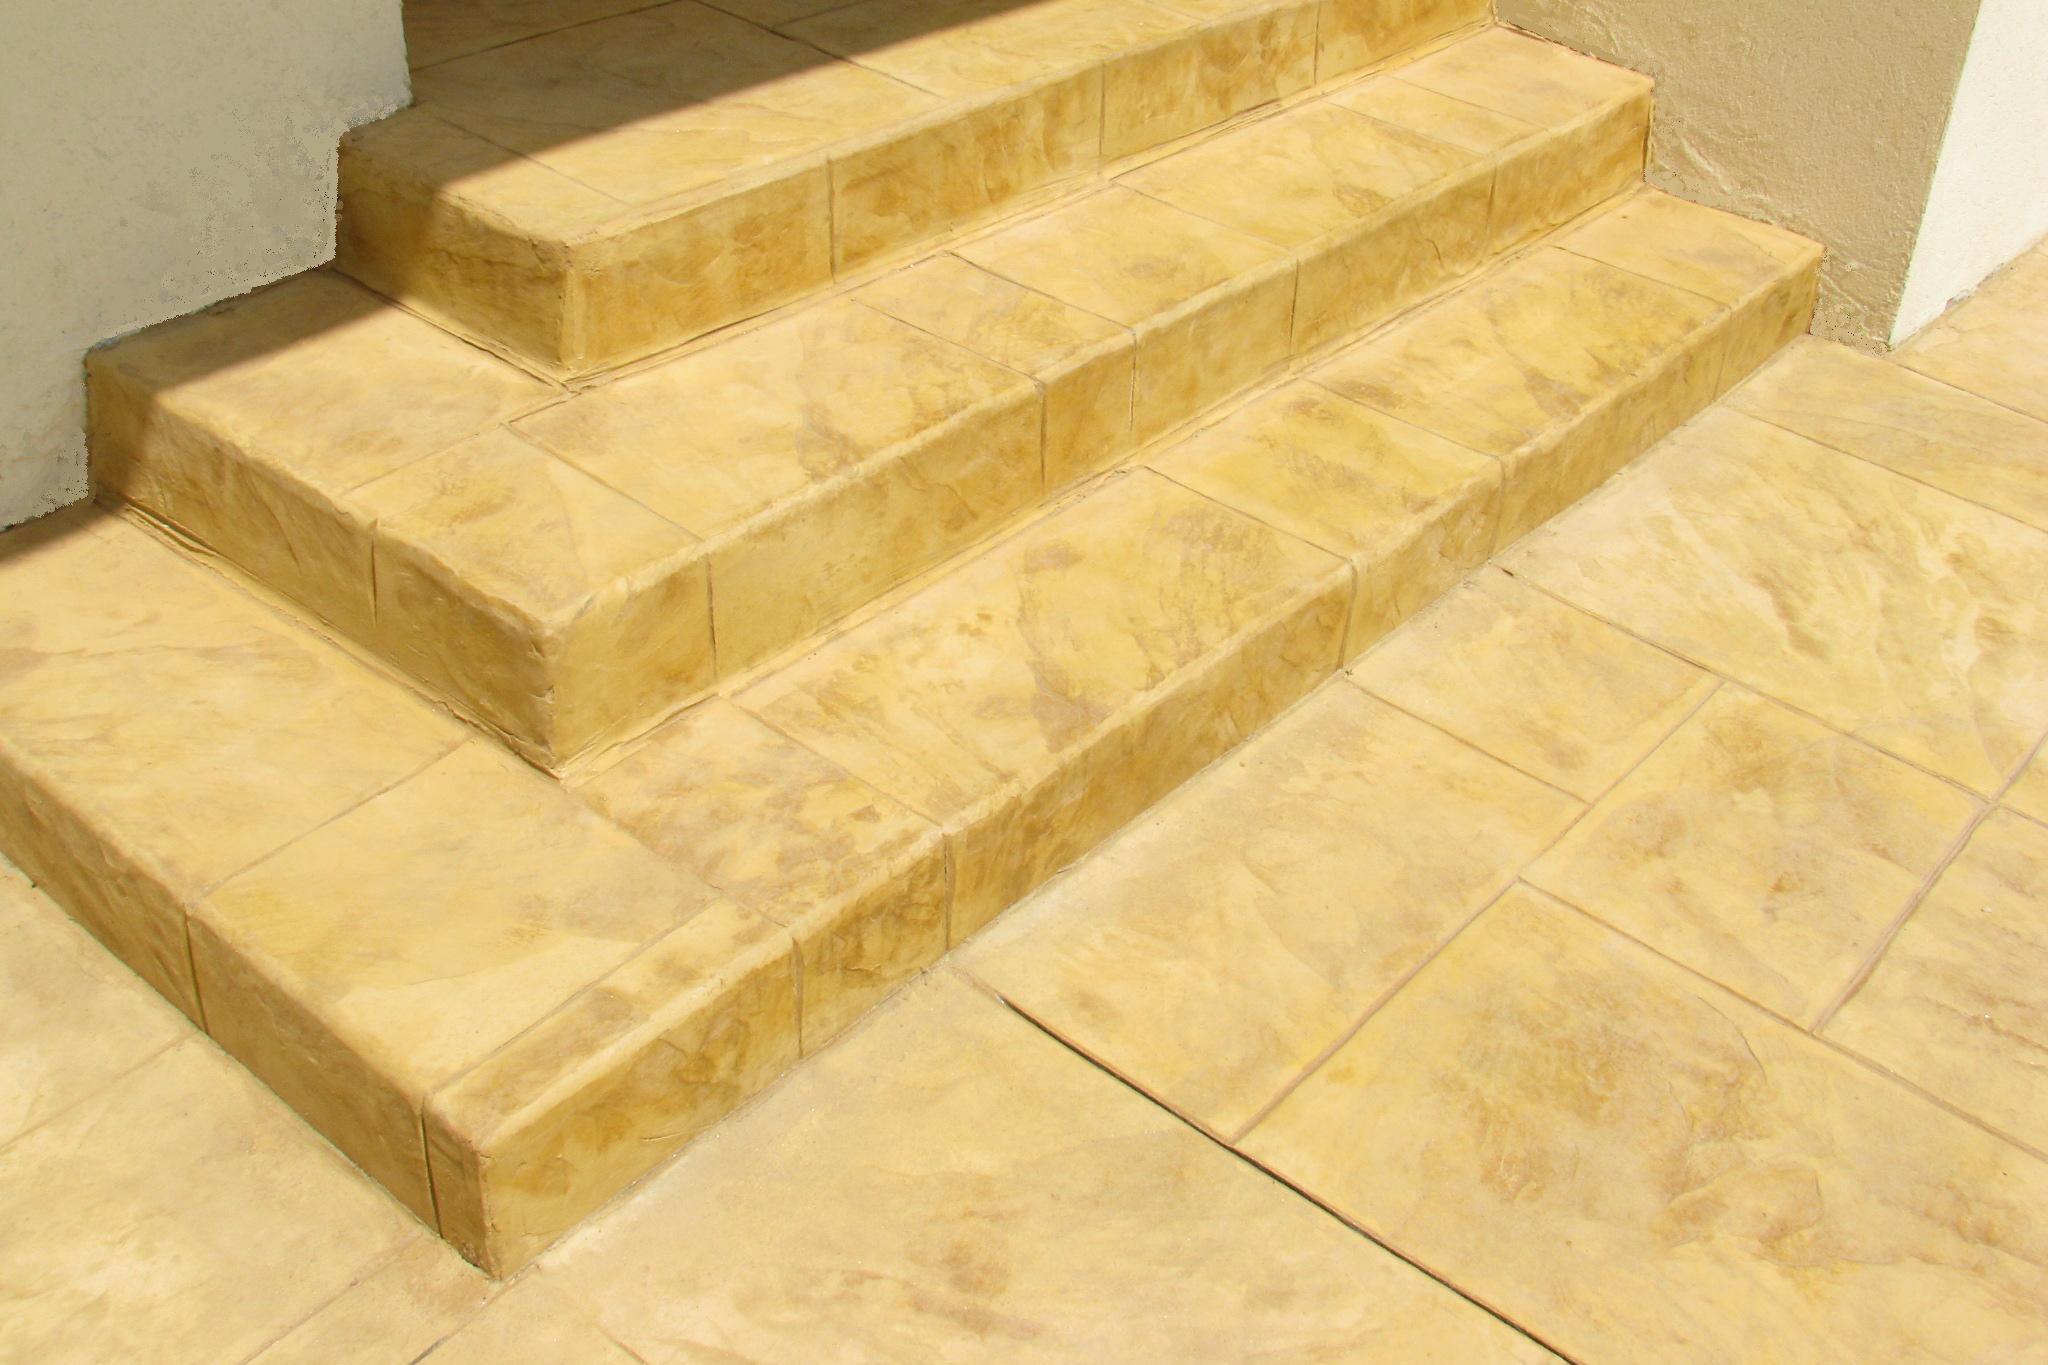 מדרגות בטון יצוקות